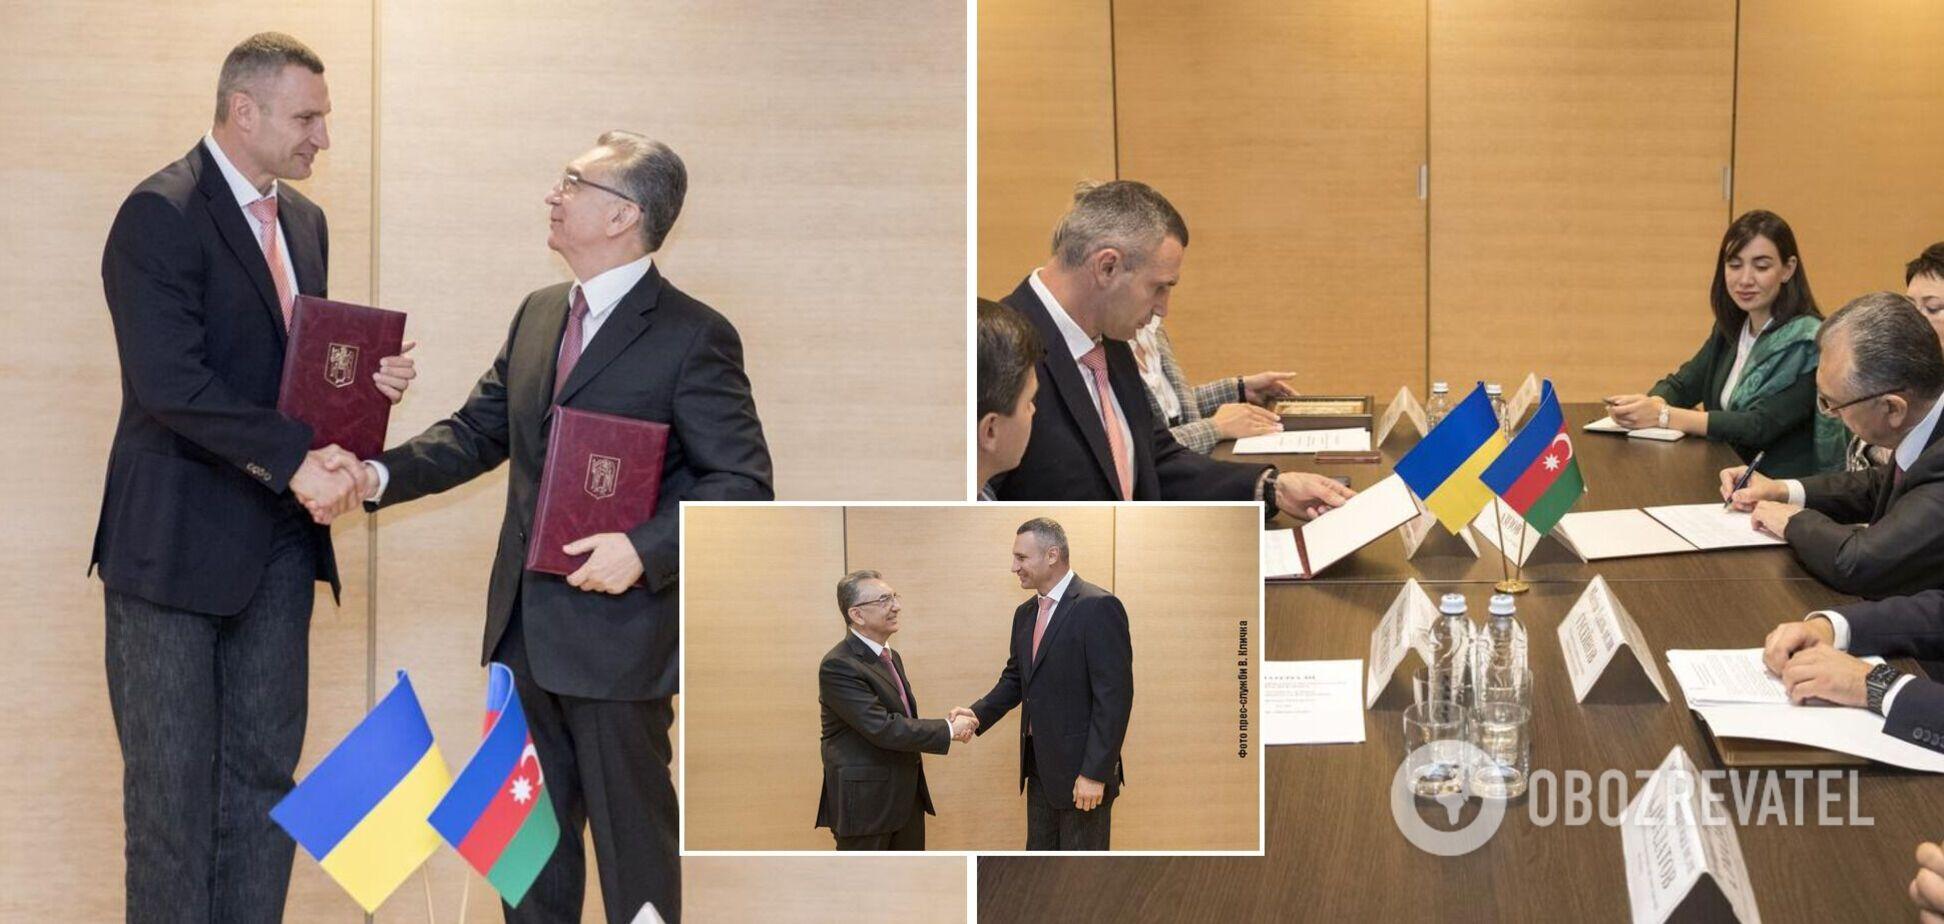 Під час Інвестиційного форуму підписано Меморандум про побратимство між Києвом та Баку